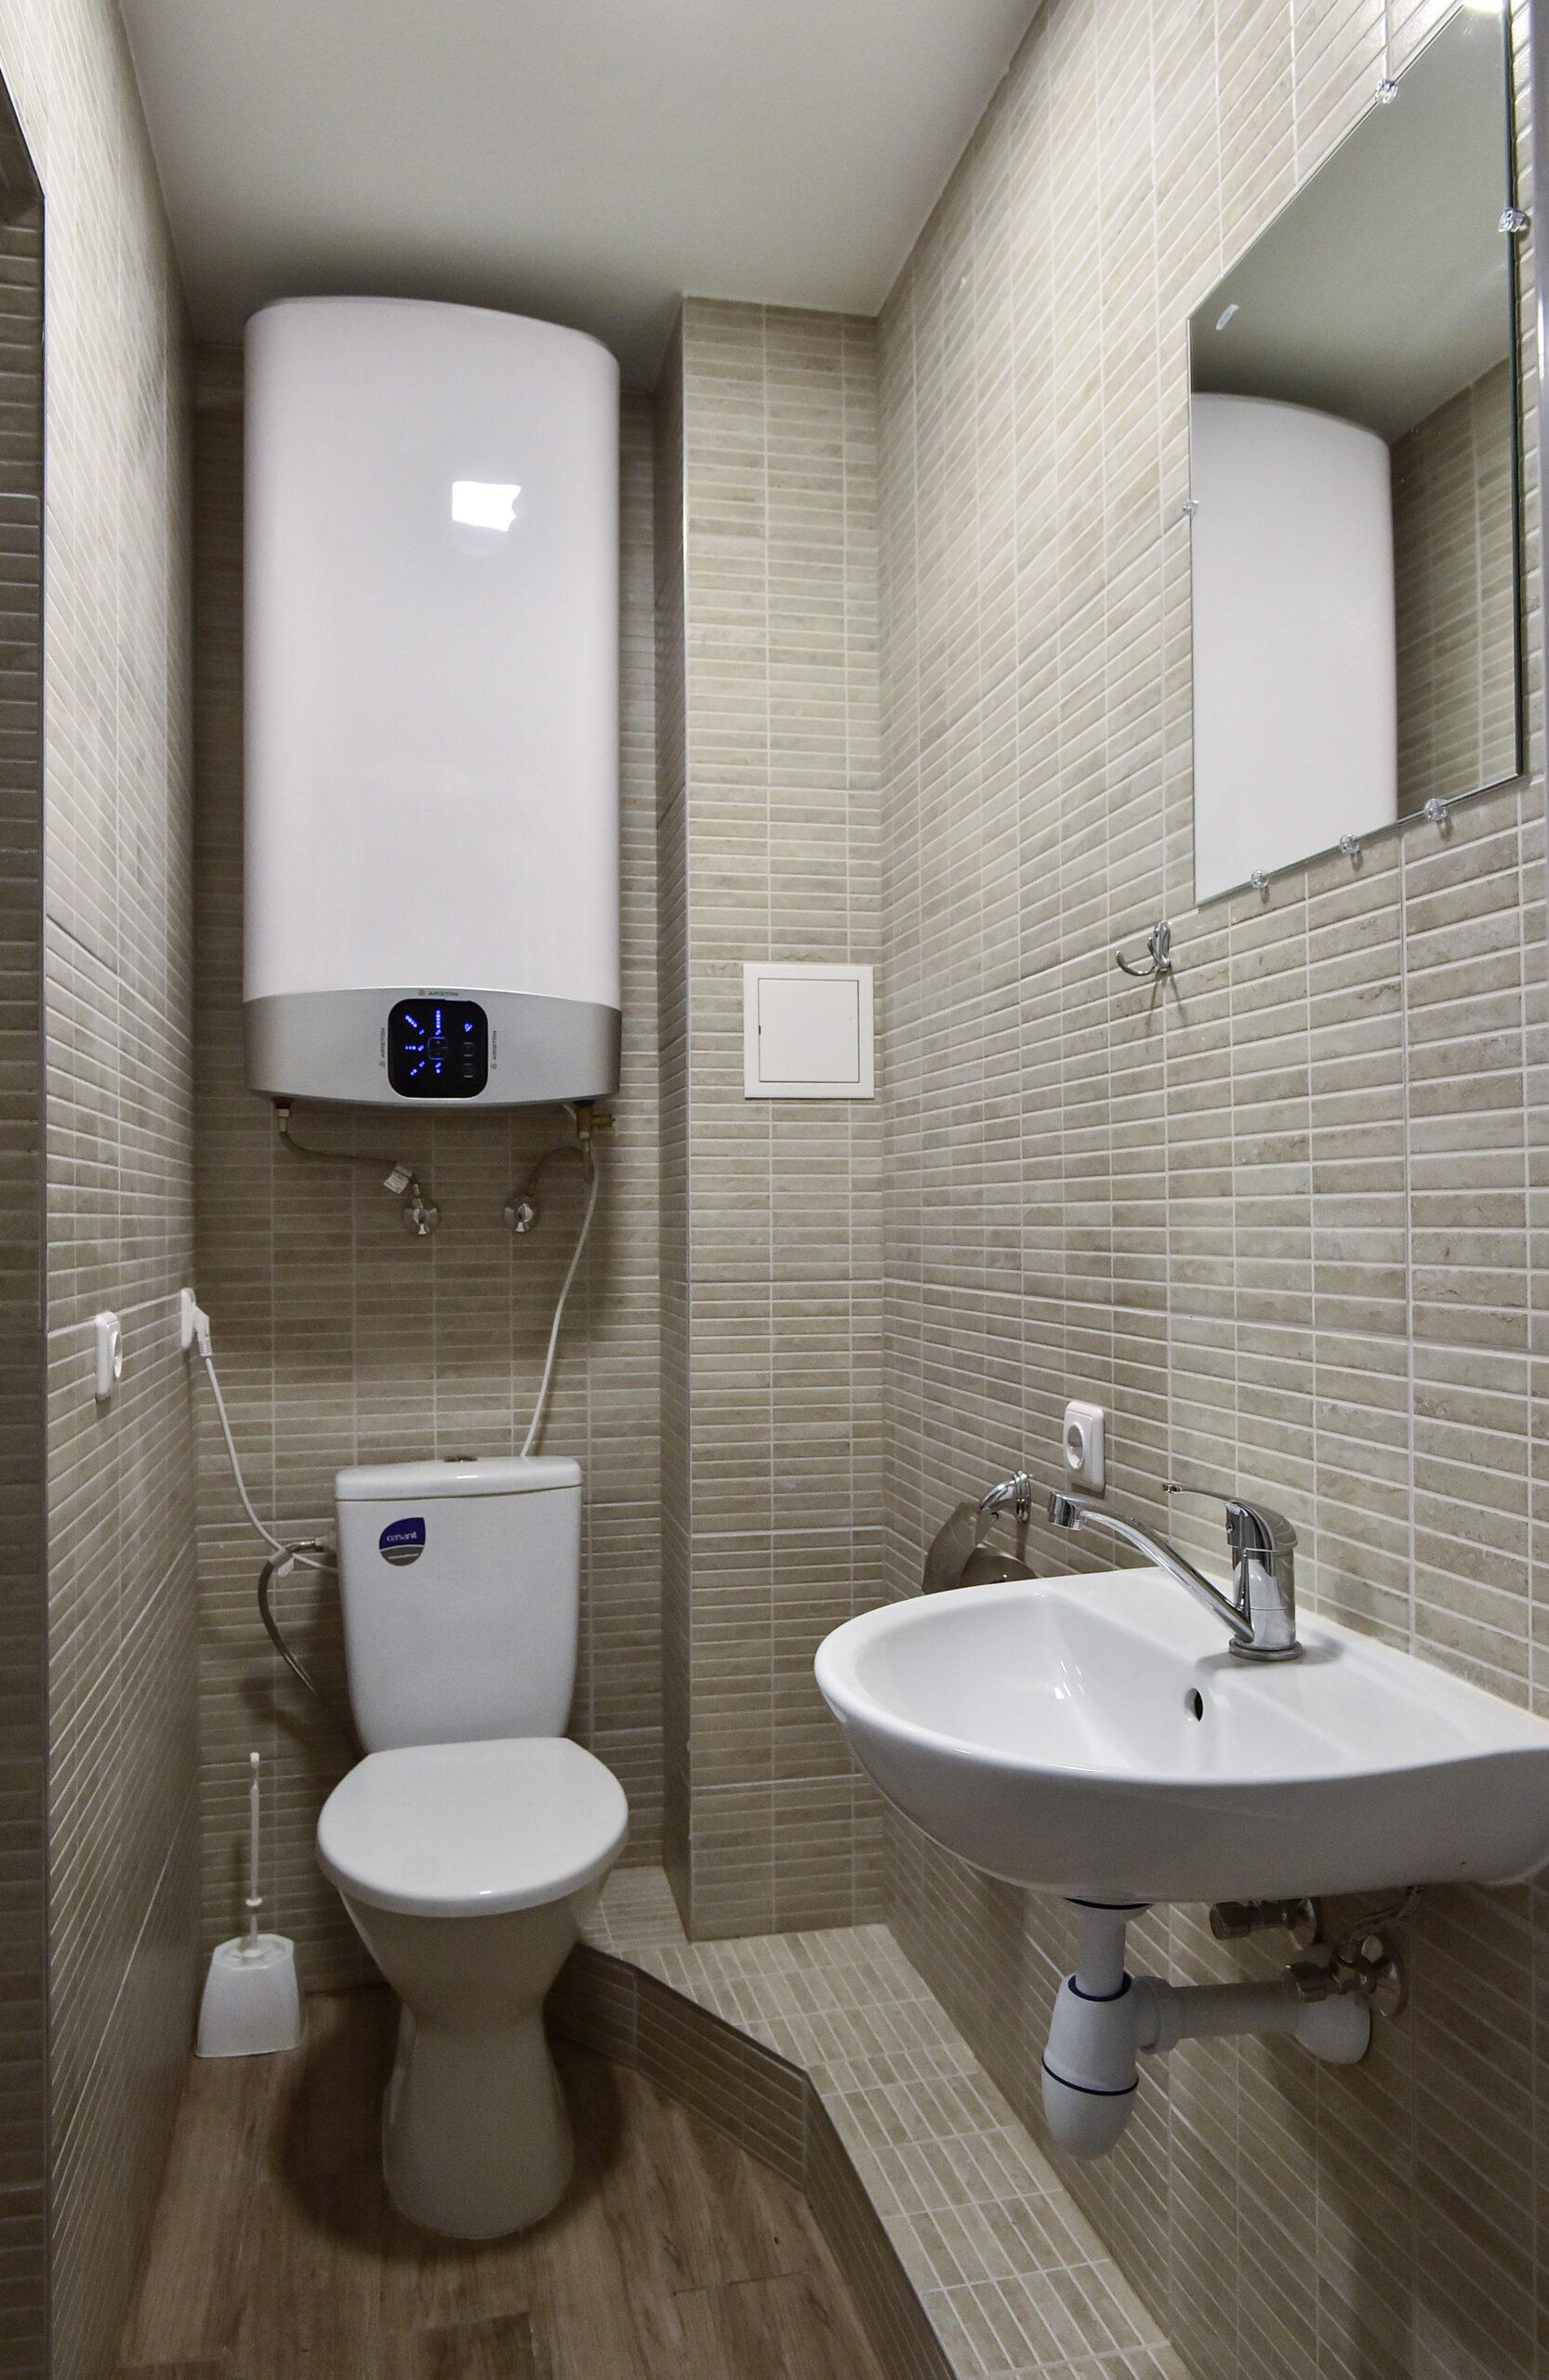 Dušas ir tualetas sublokuotiems kambariams (dviviečiui ir triviečiui) (4)